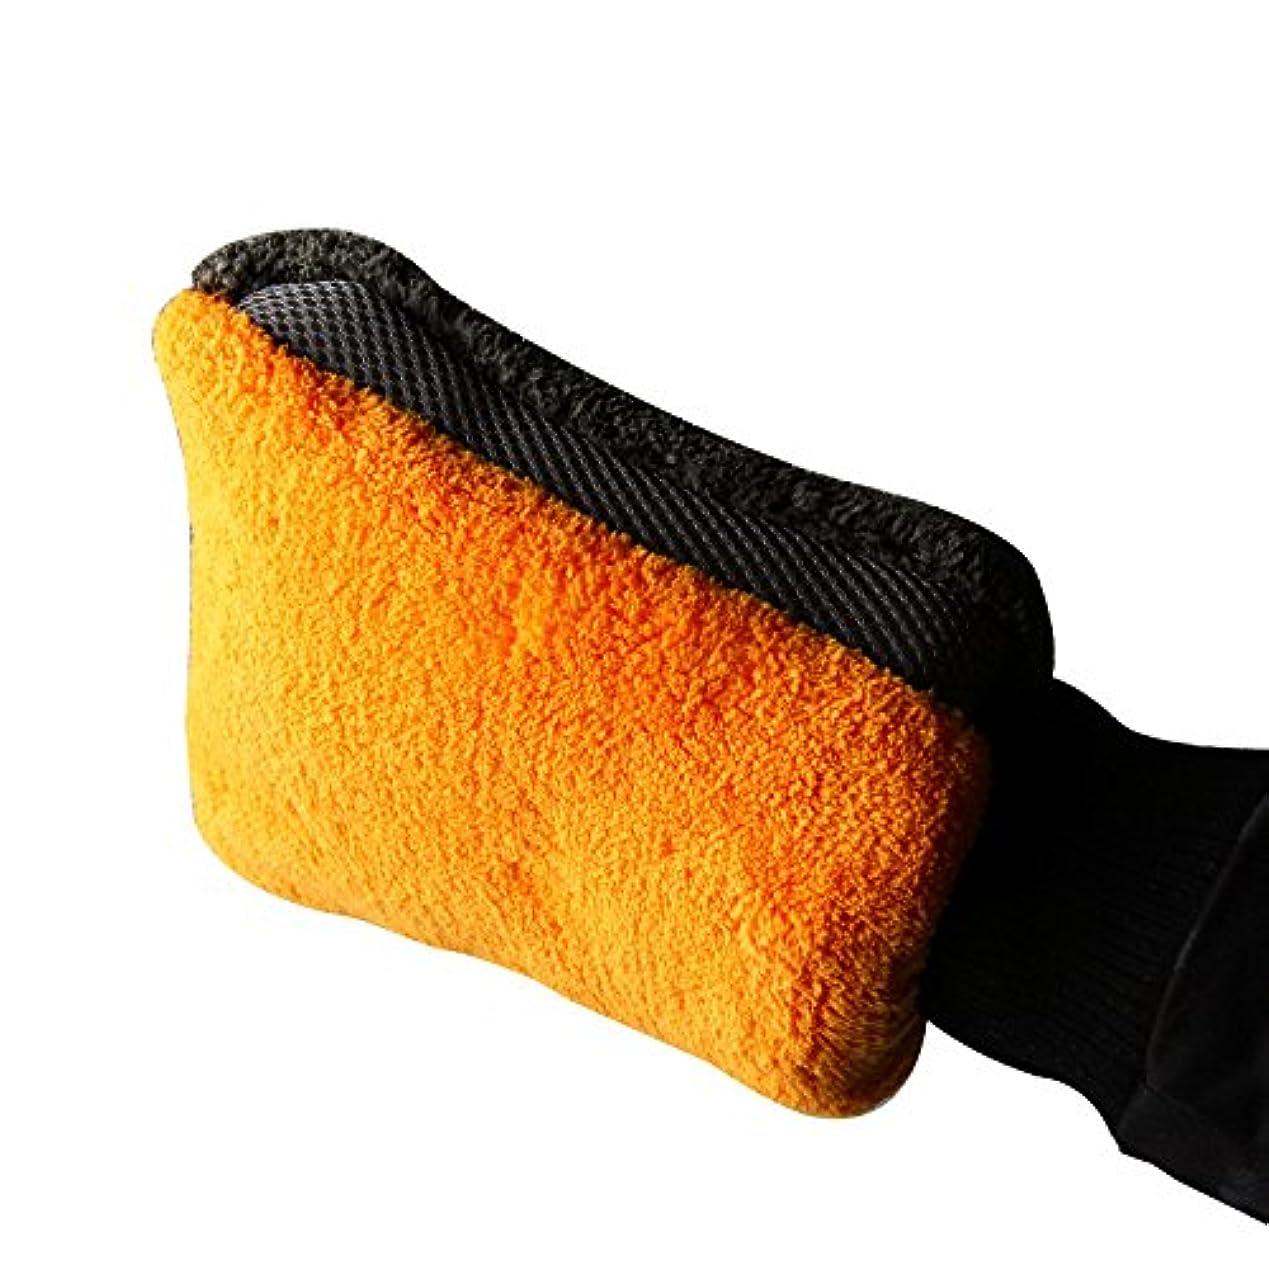 変える持続的健康BTXXYJP サンゴフリース 洗車 ブラシ 手袋 クリーニング ミットショートウールミットカークロス (Color : Orange, Size : L-One pair)